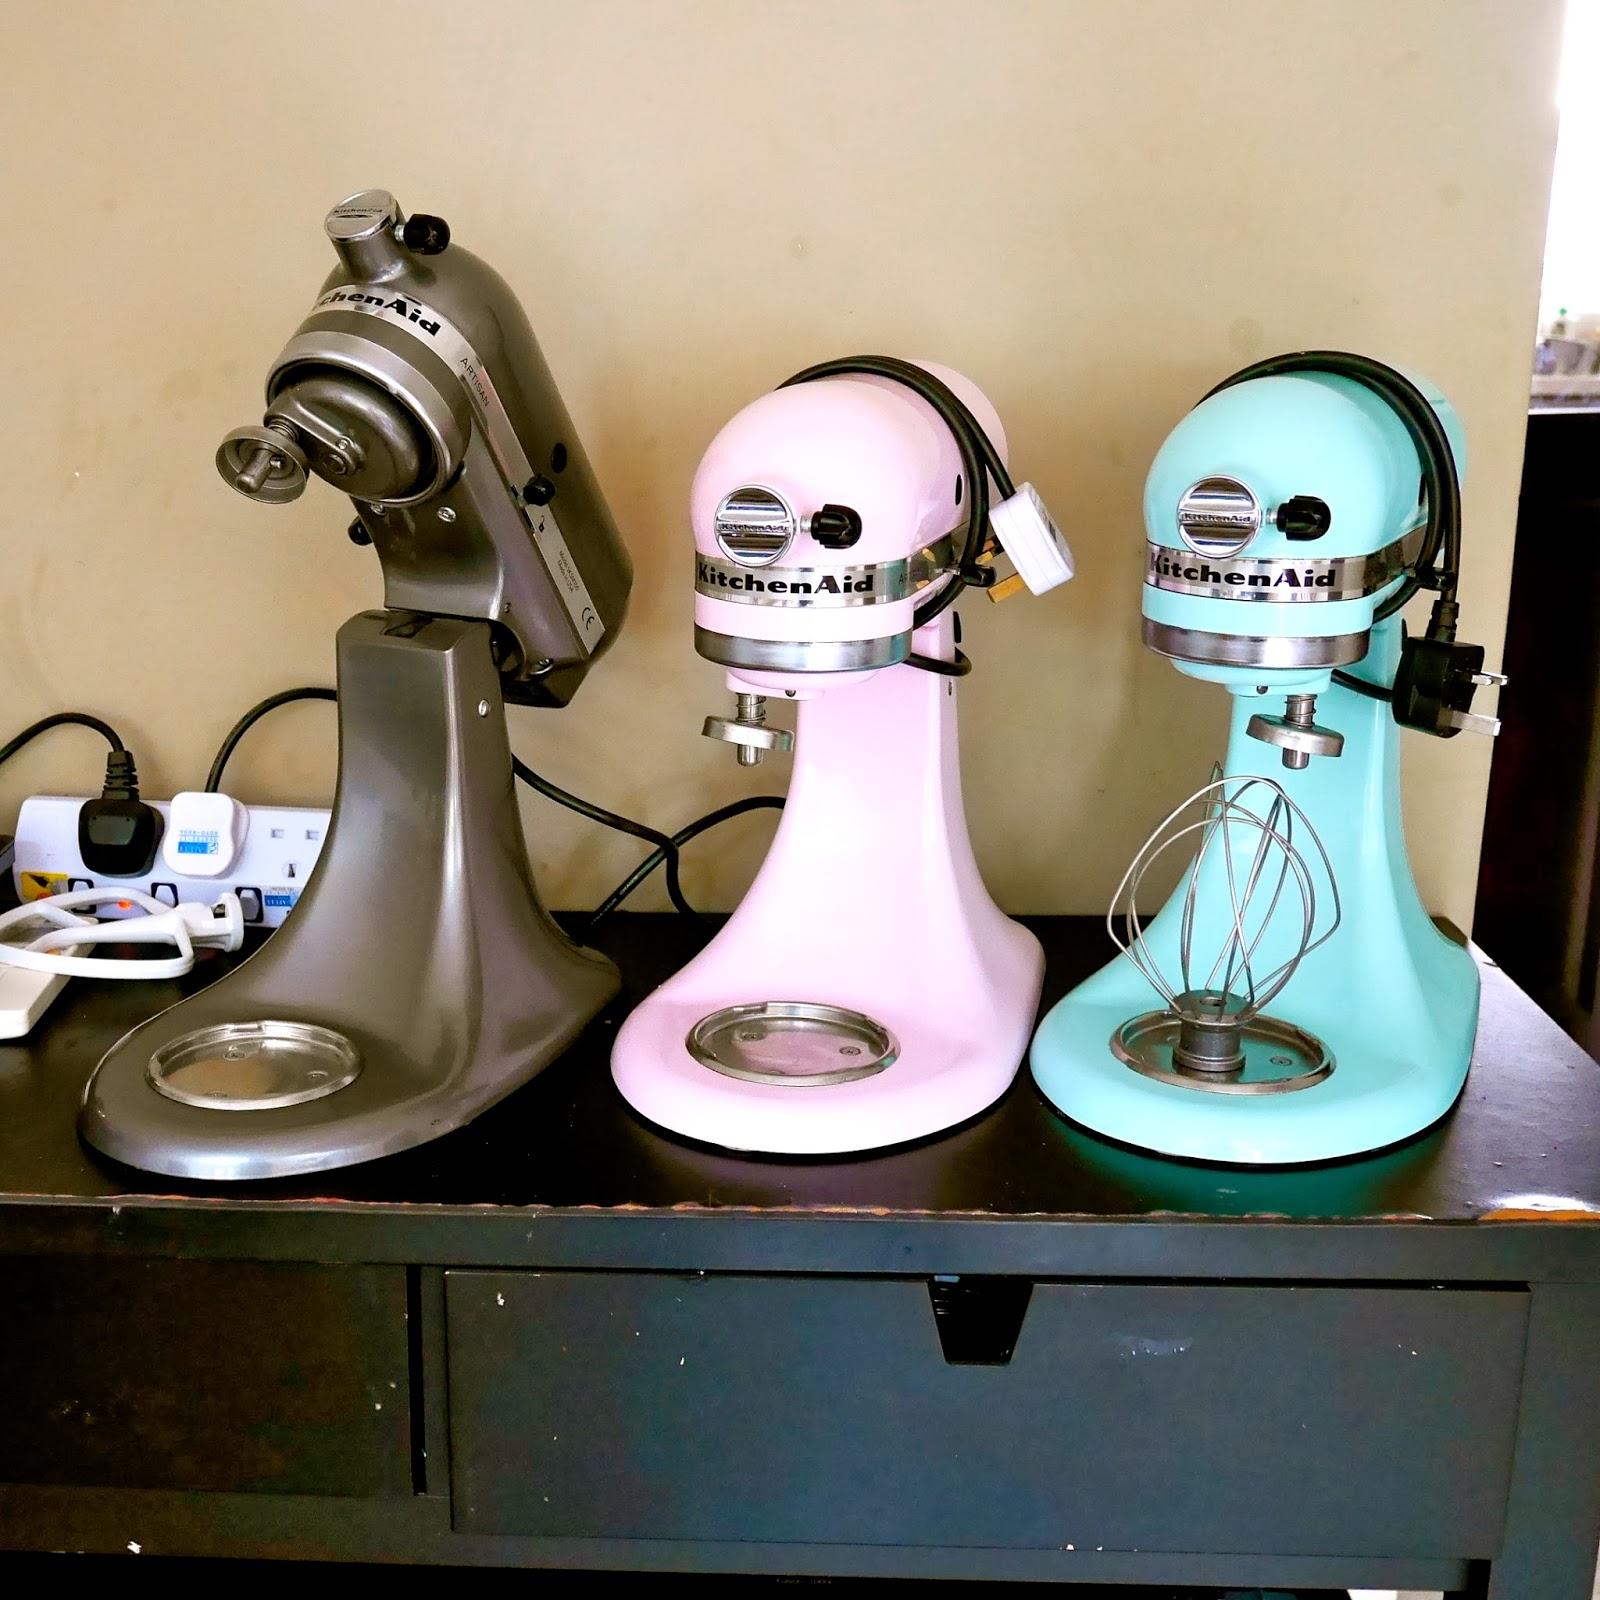 kitchenaid equipment